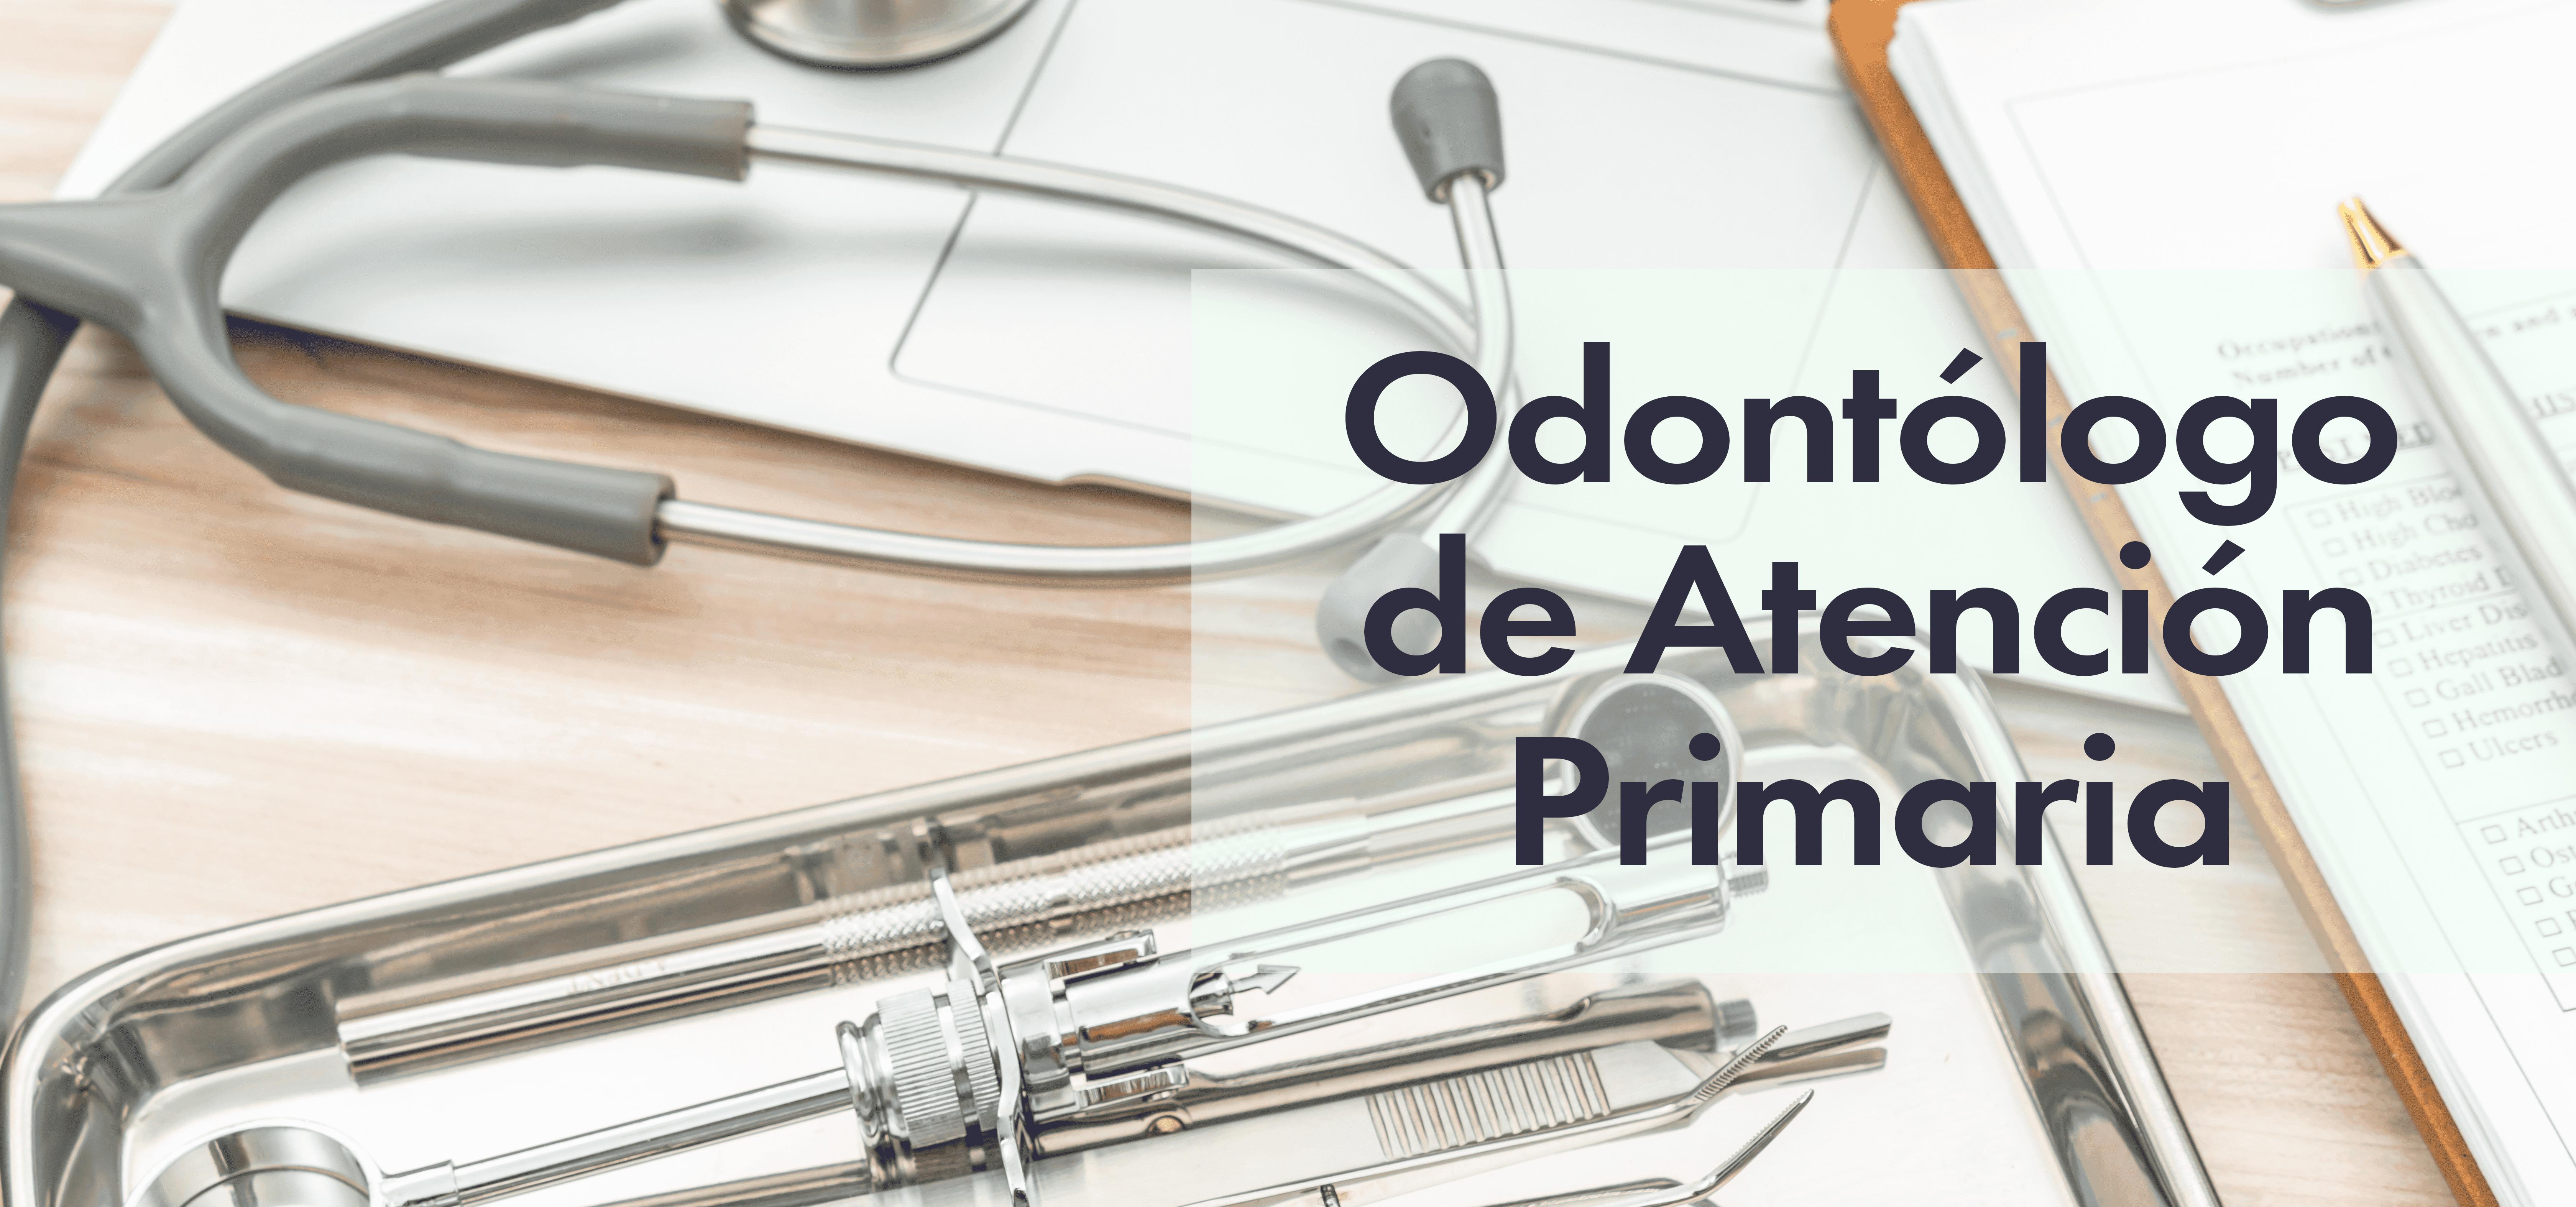 Odontólogo de Atención Primaria